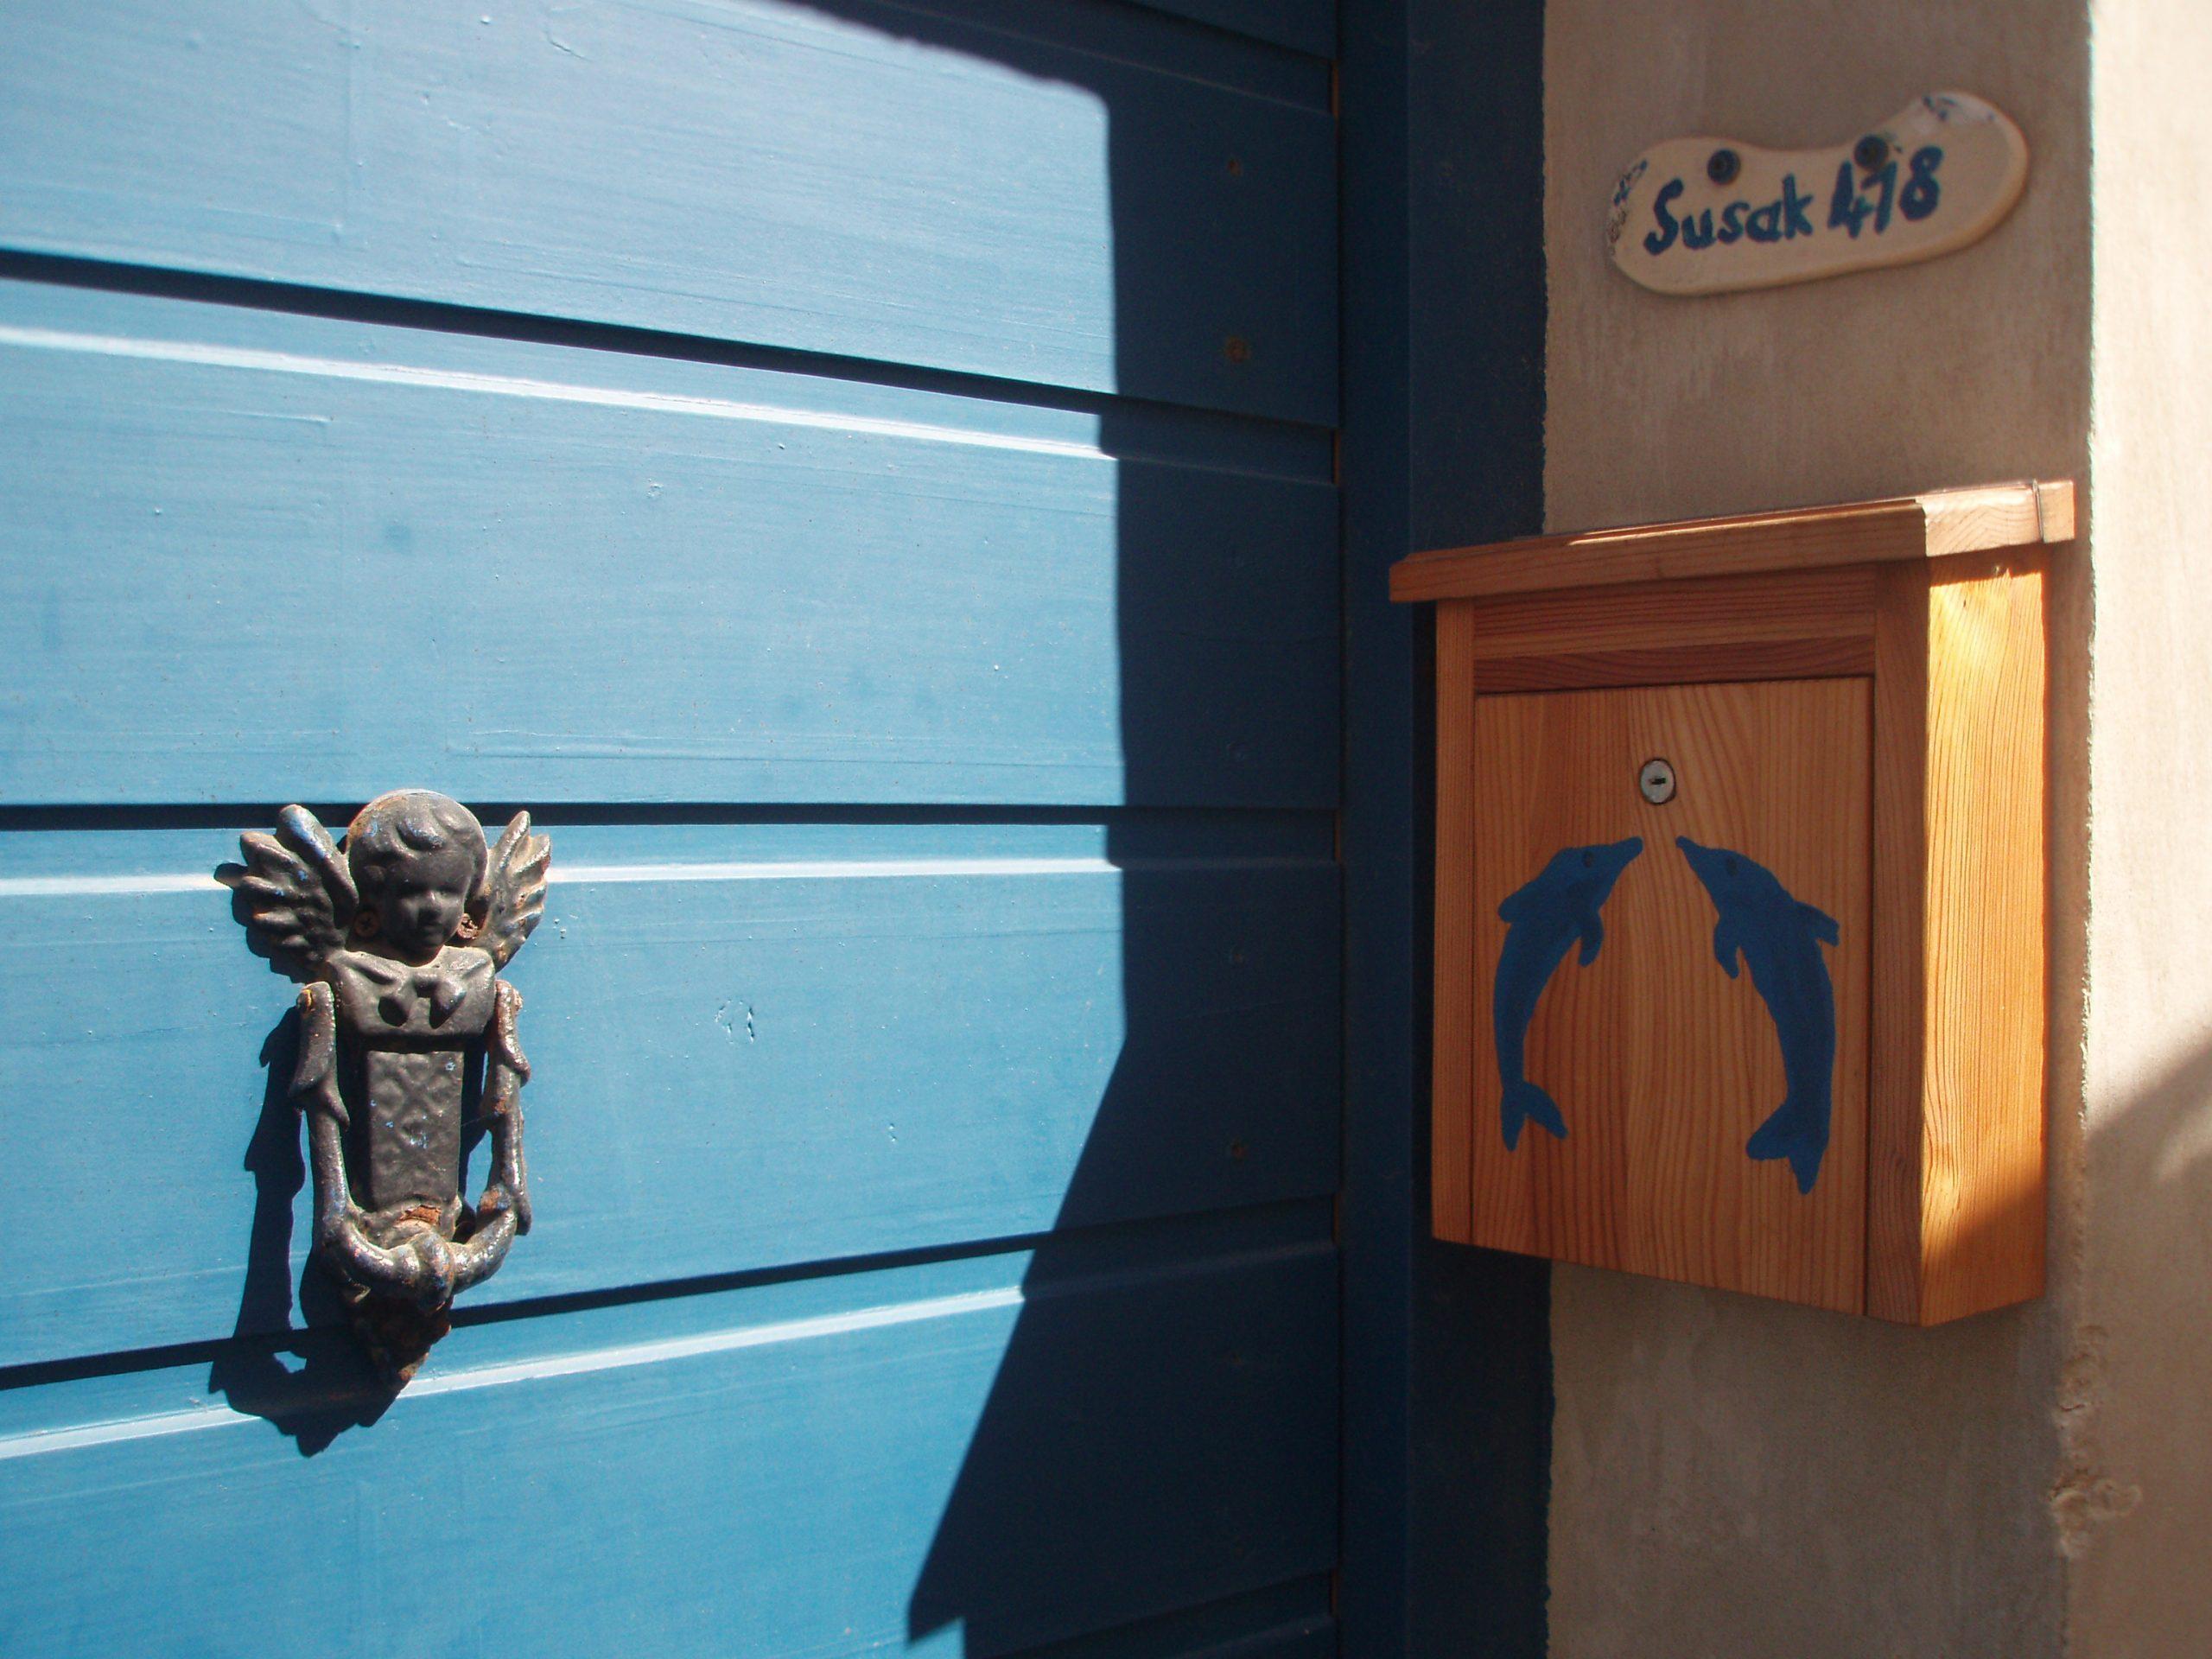 Lovely entrance doors on Susak.